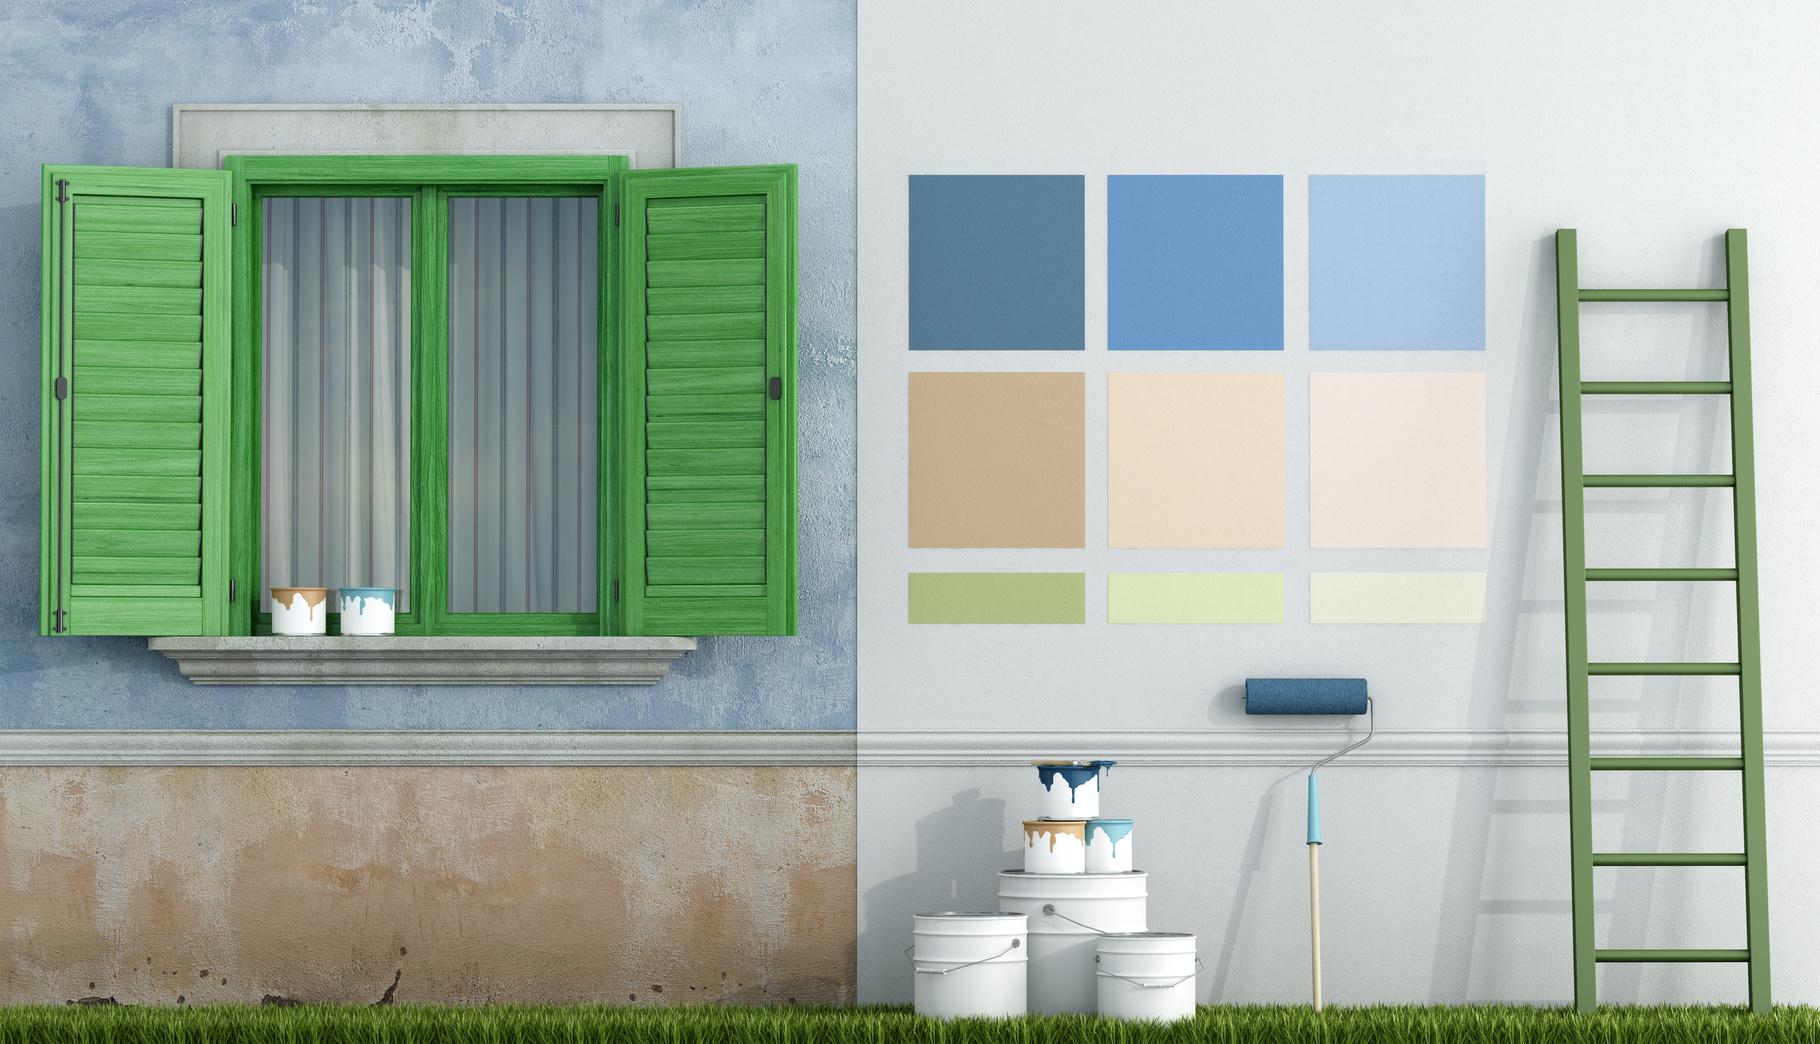 Peinture mur ext rieur les conseils peinture pour vos for Impermeabiliser un mur exterieur